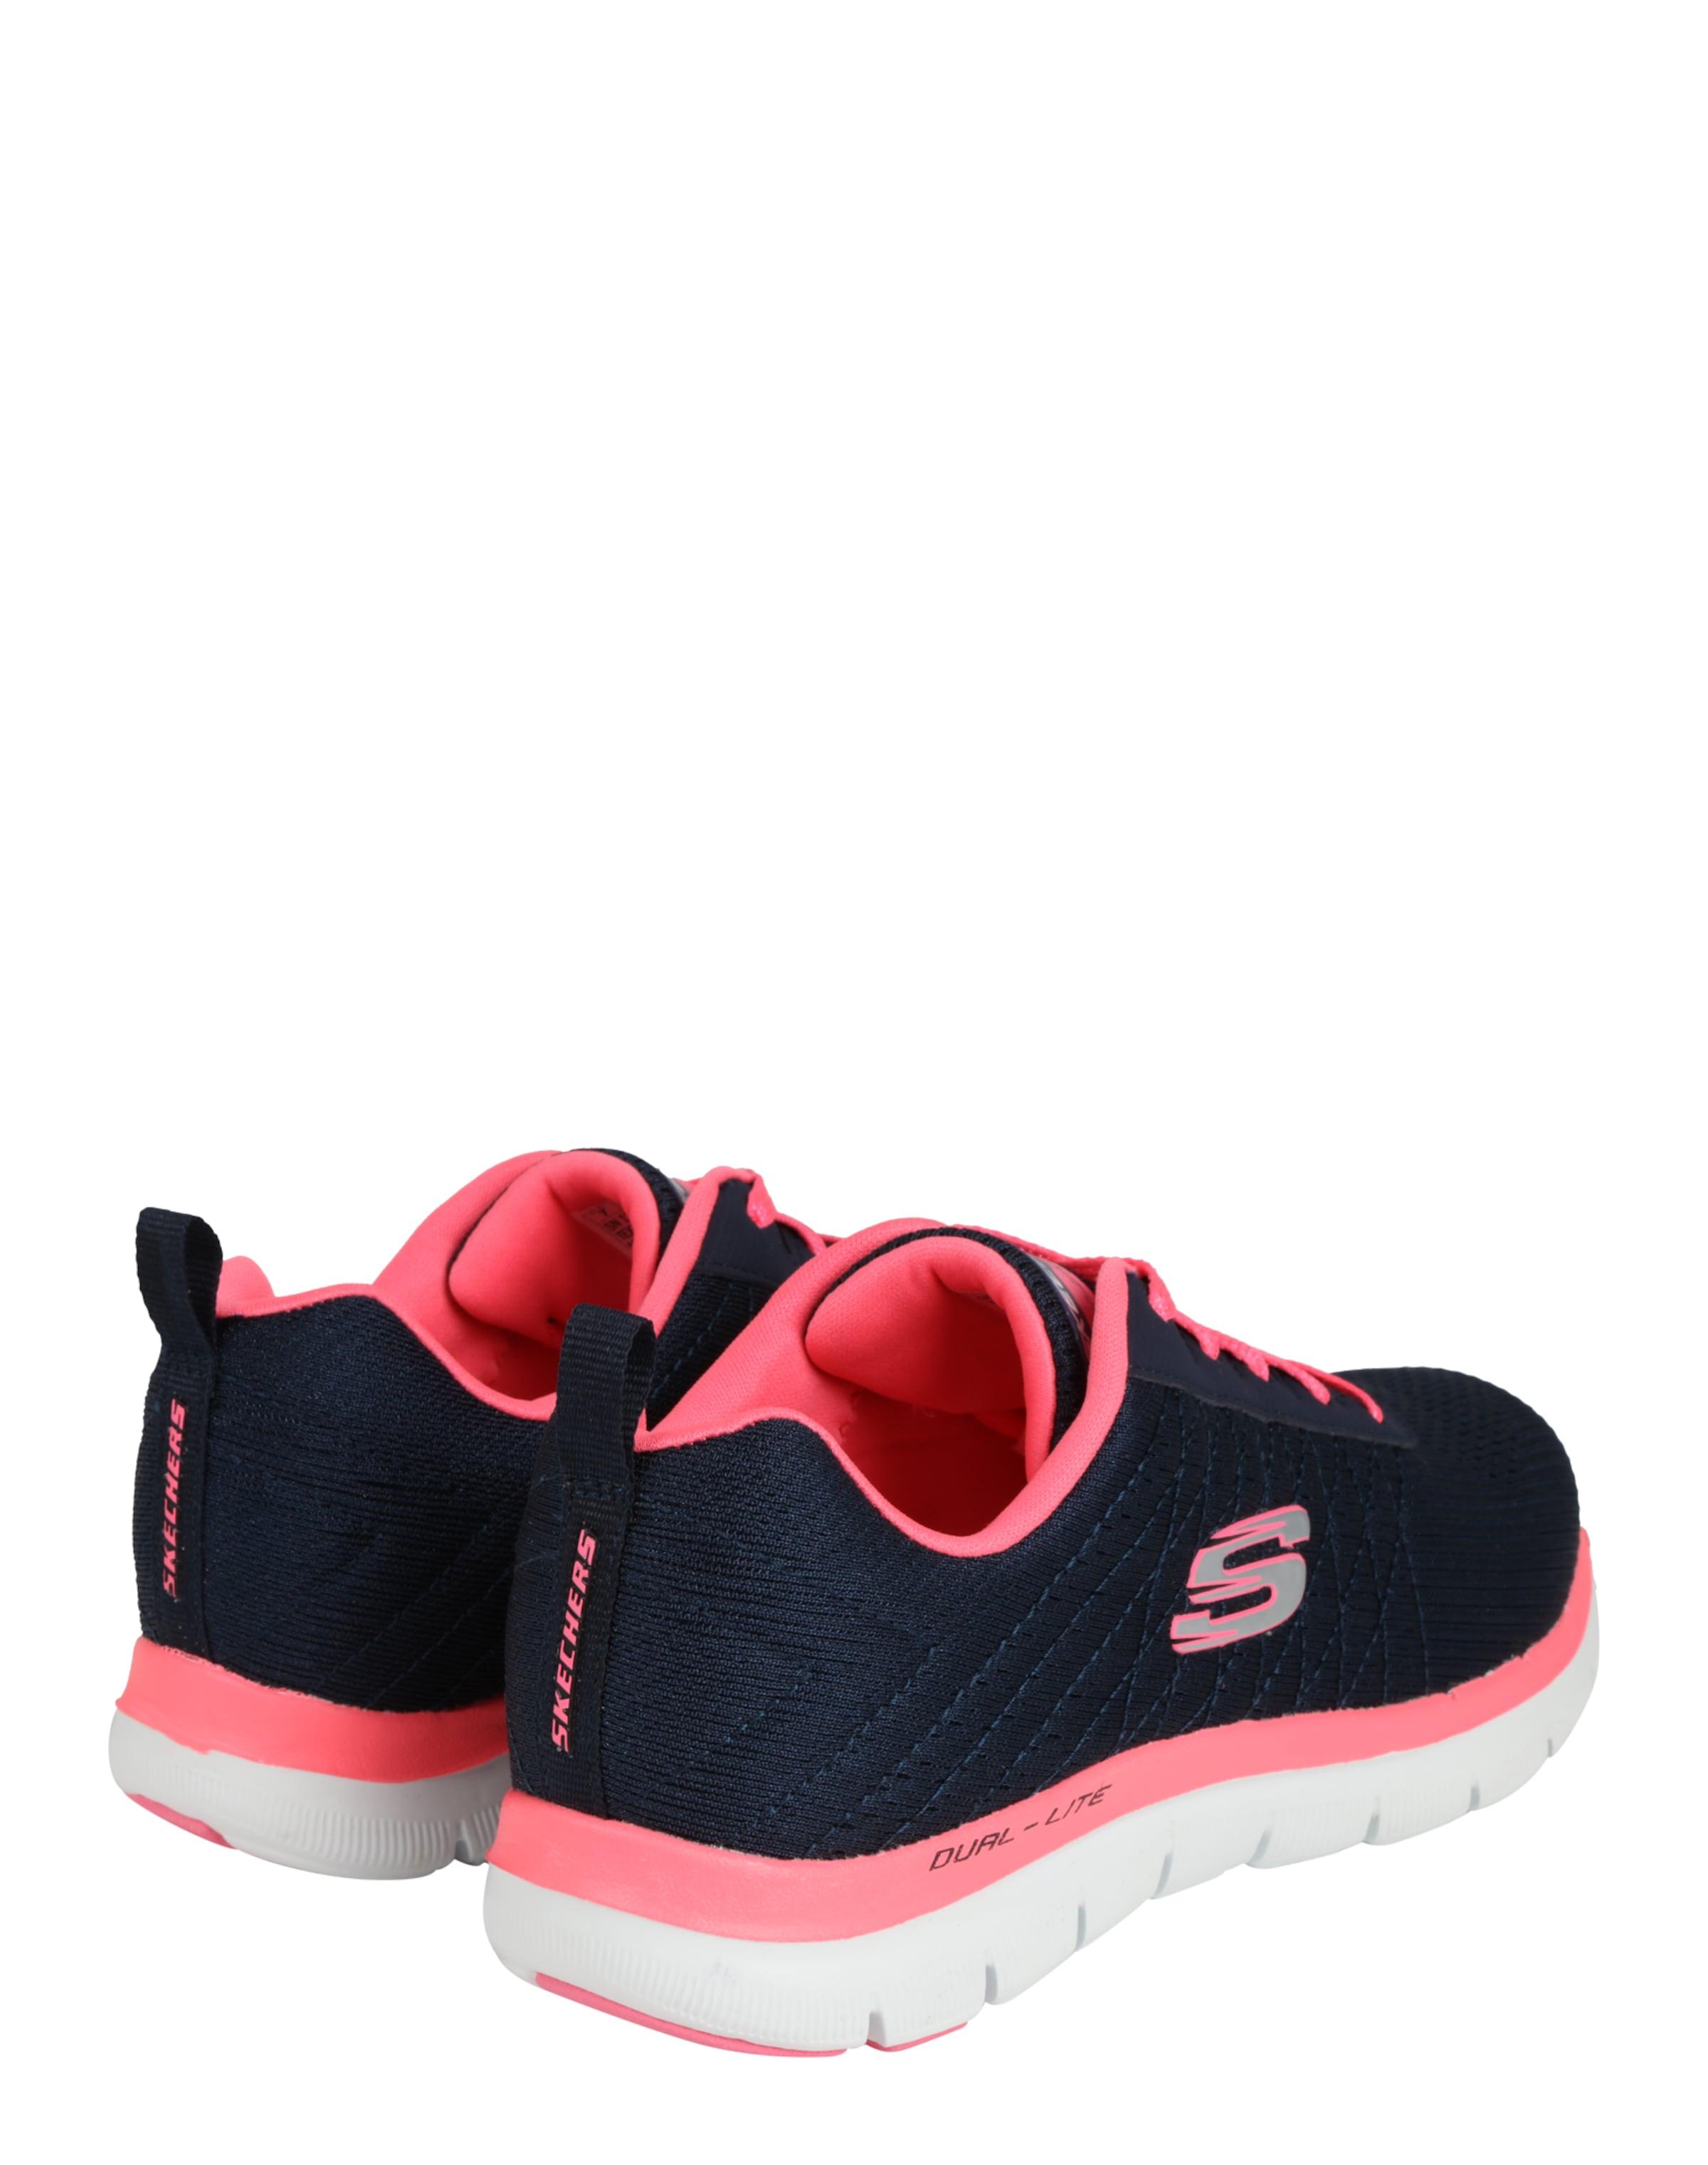 SKECHERS 'Flex Free' SKECHERS Sneaker 2 Break Appeal Sneaker 0 rtSrwO